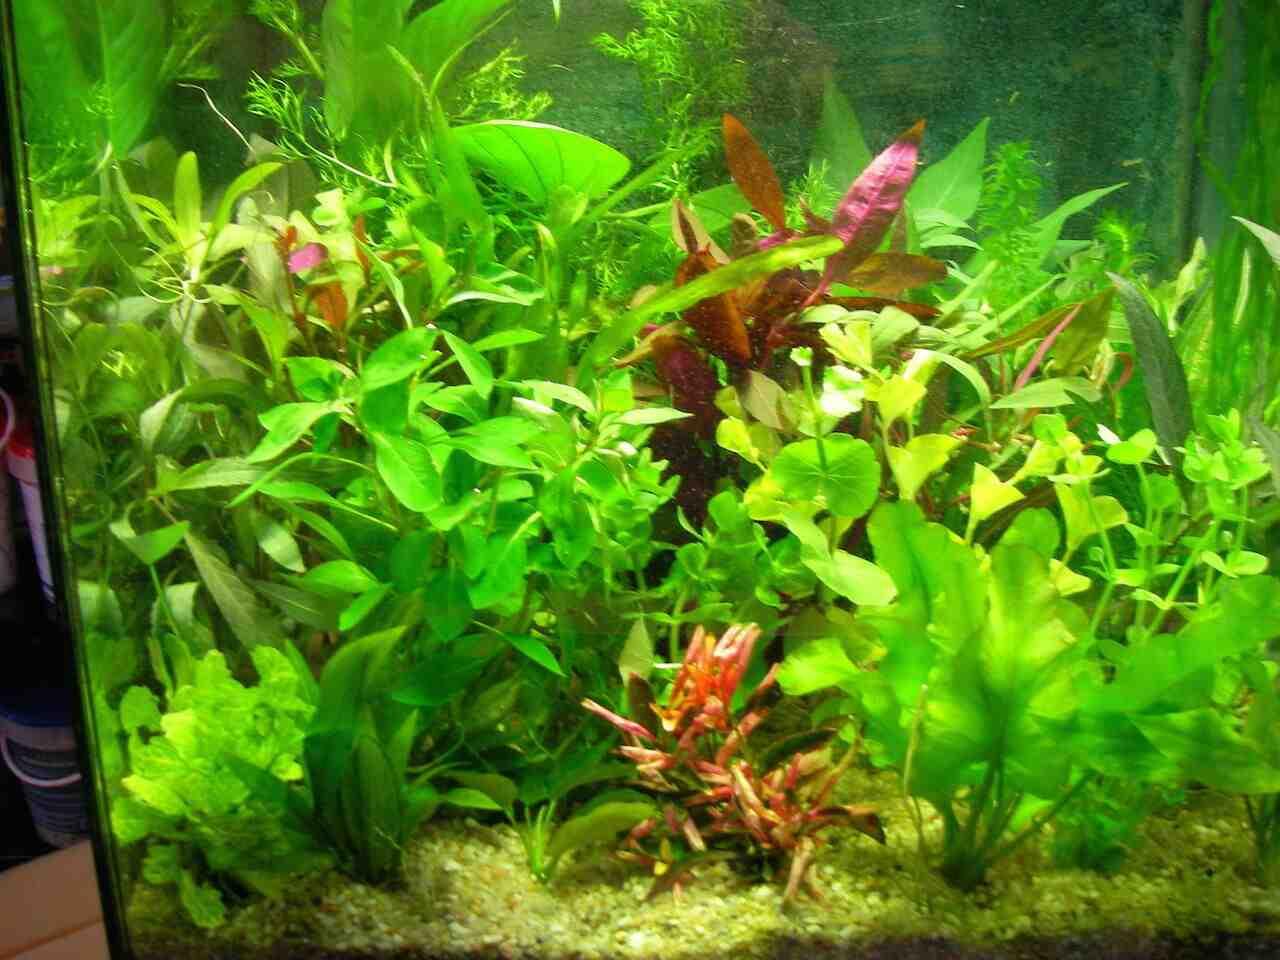 Comment poussent les plantes d'aquarium?